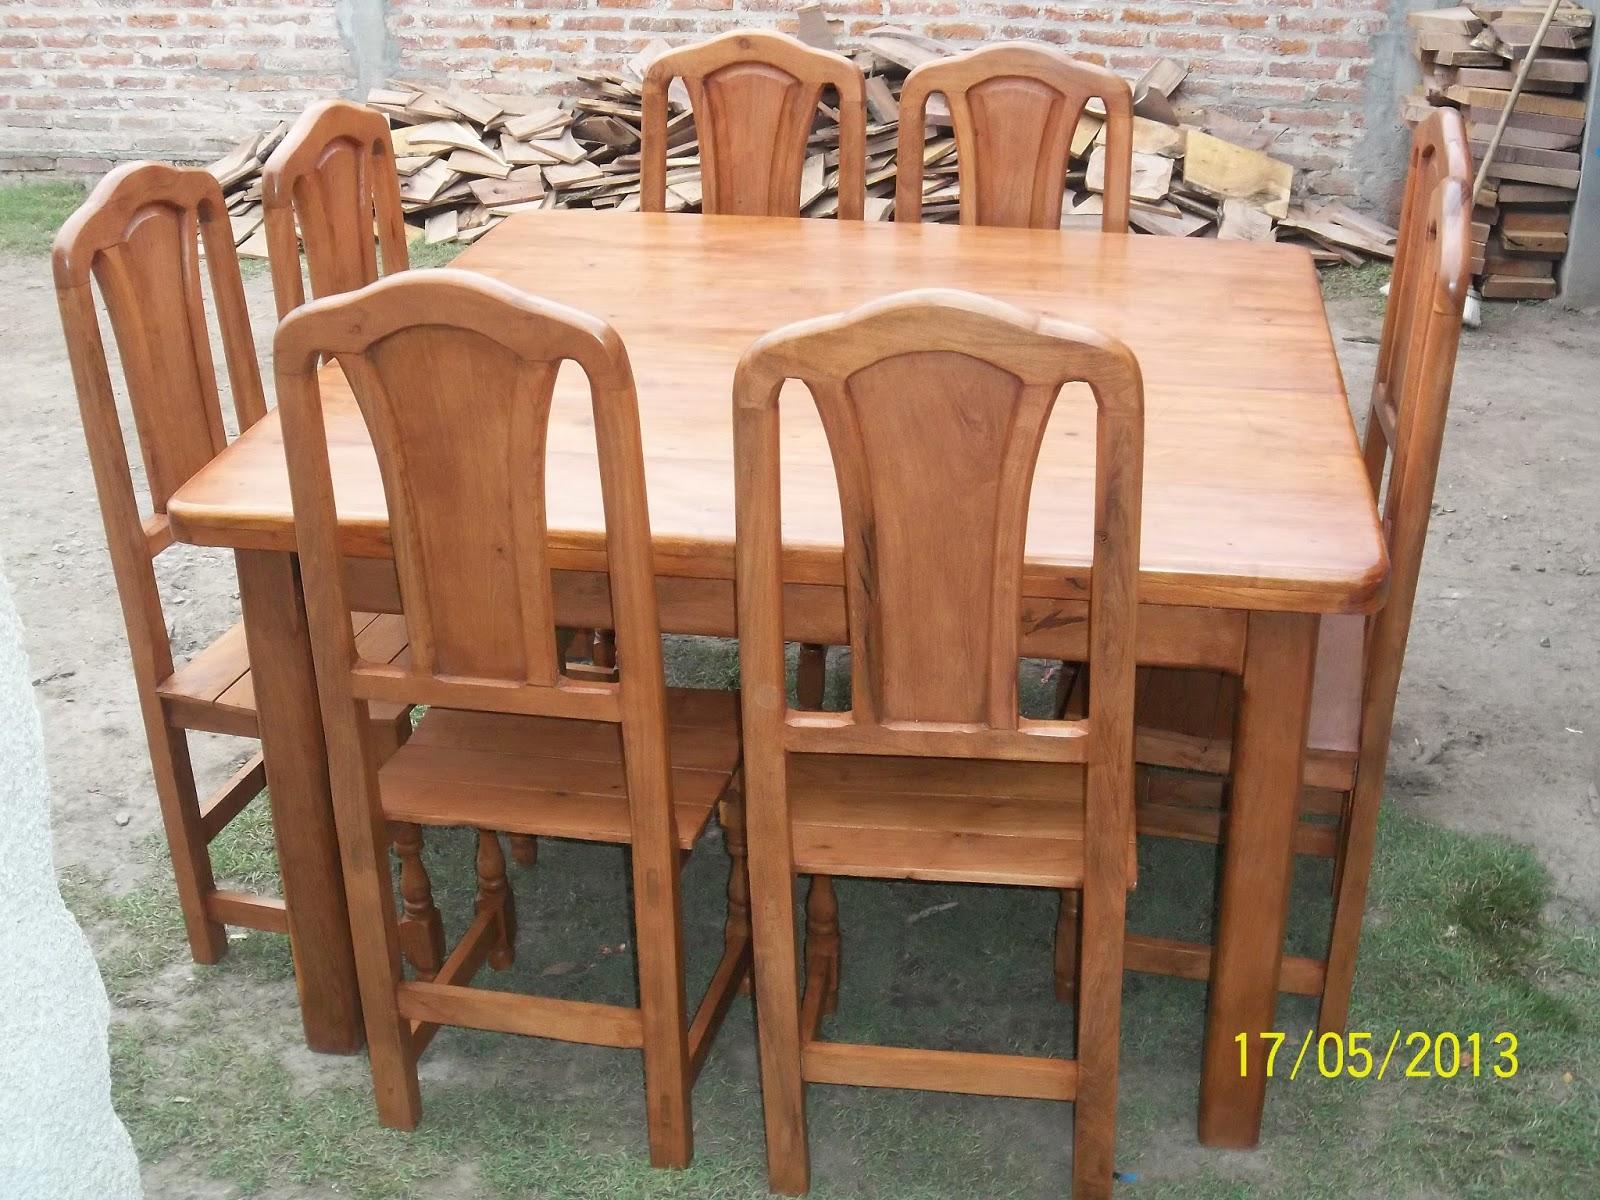 F brica de muebles y artesan as en algarrobo machagai for Muebles de algarrobo precios